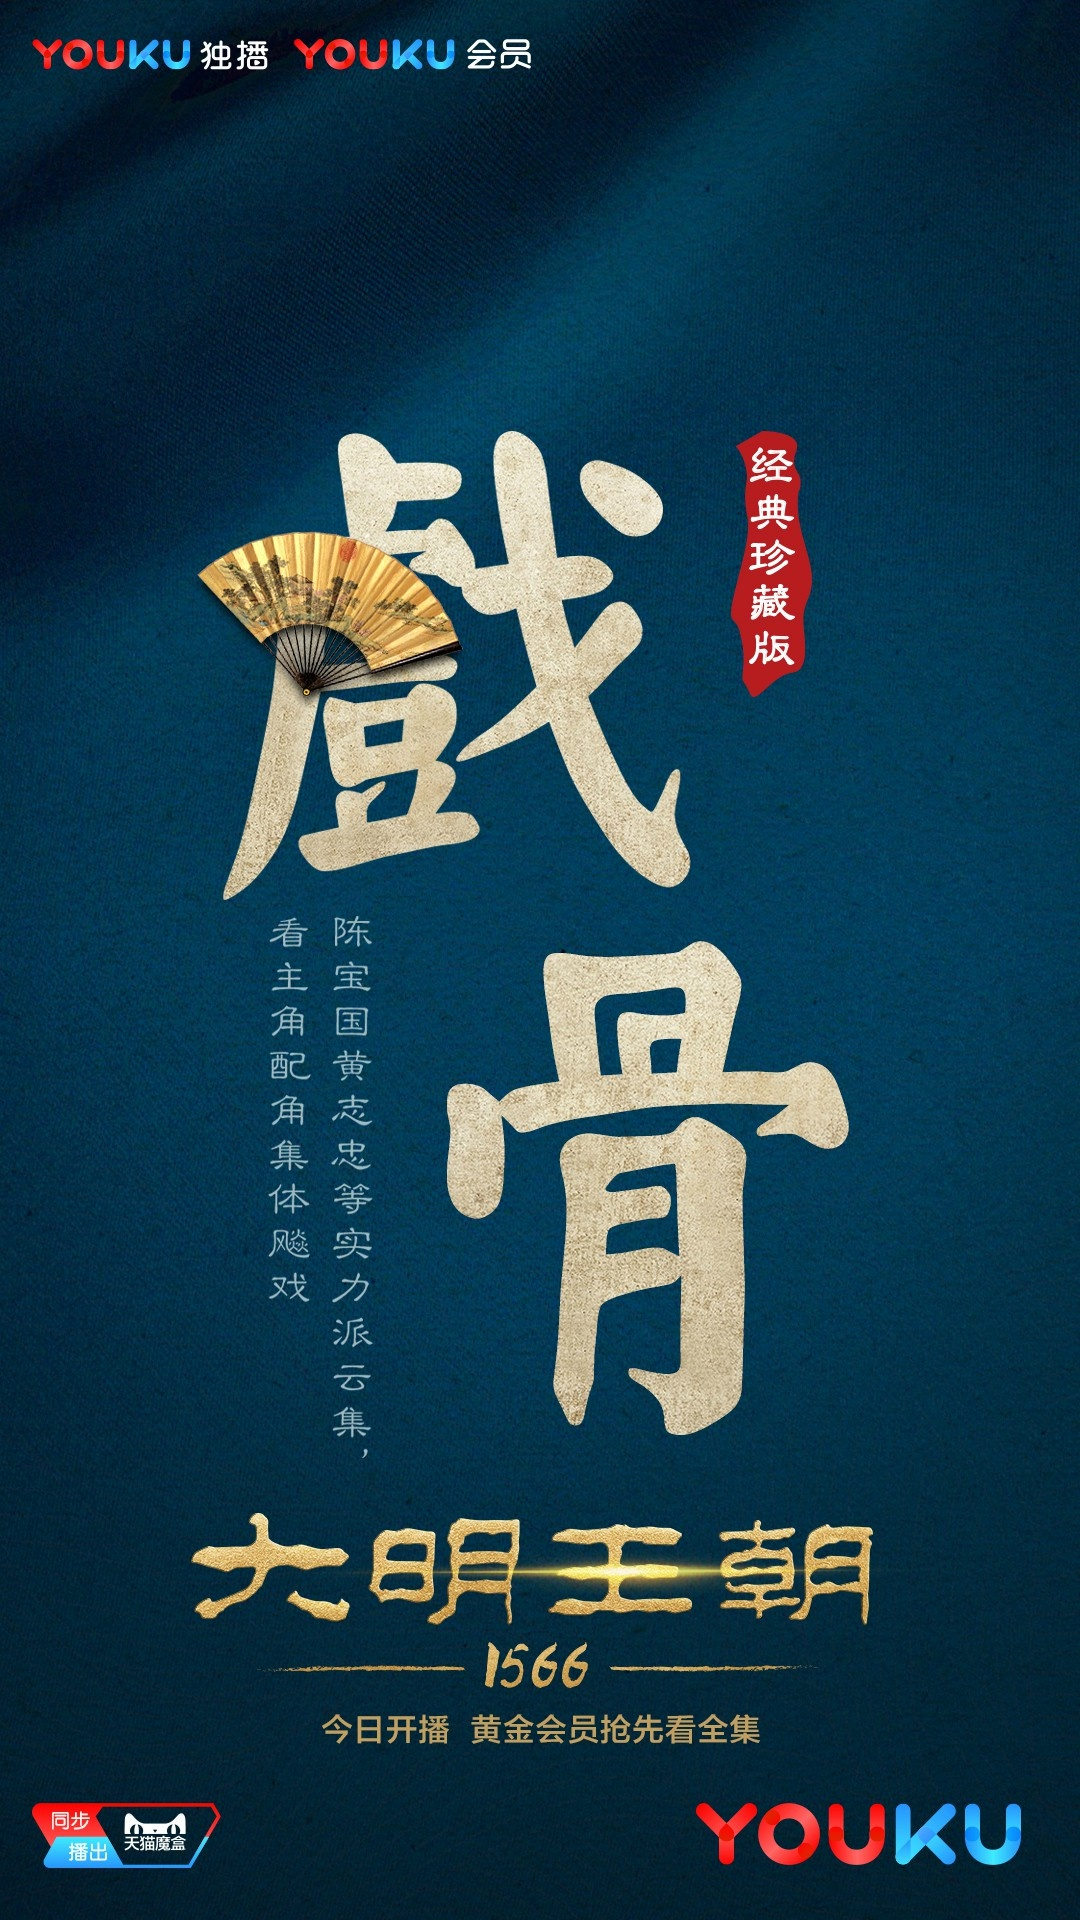 #大明王朝1566# 今日开播!黄金会员任性看全集!豆瓣评分9.5、@张黎 #刘和平# 加持、#陈宝